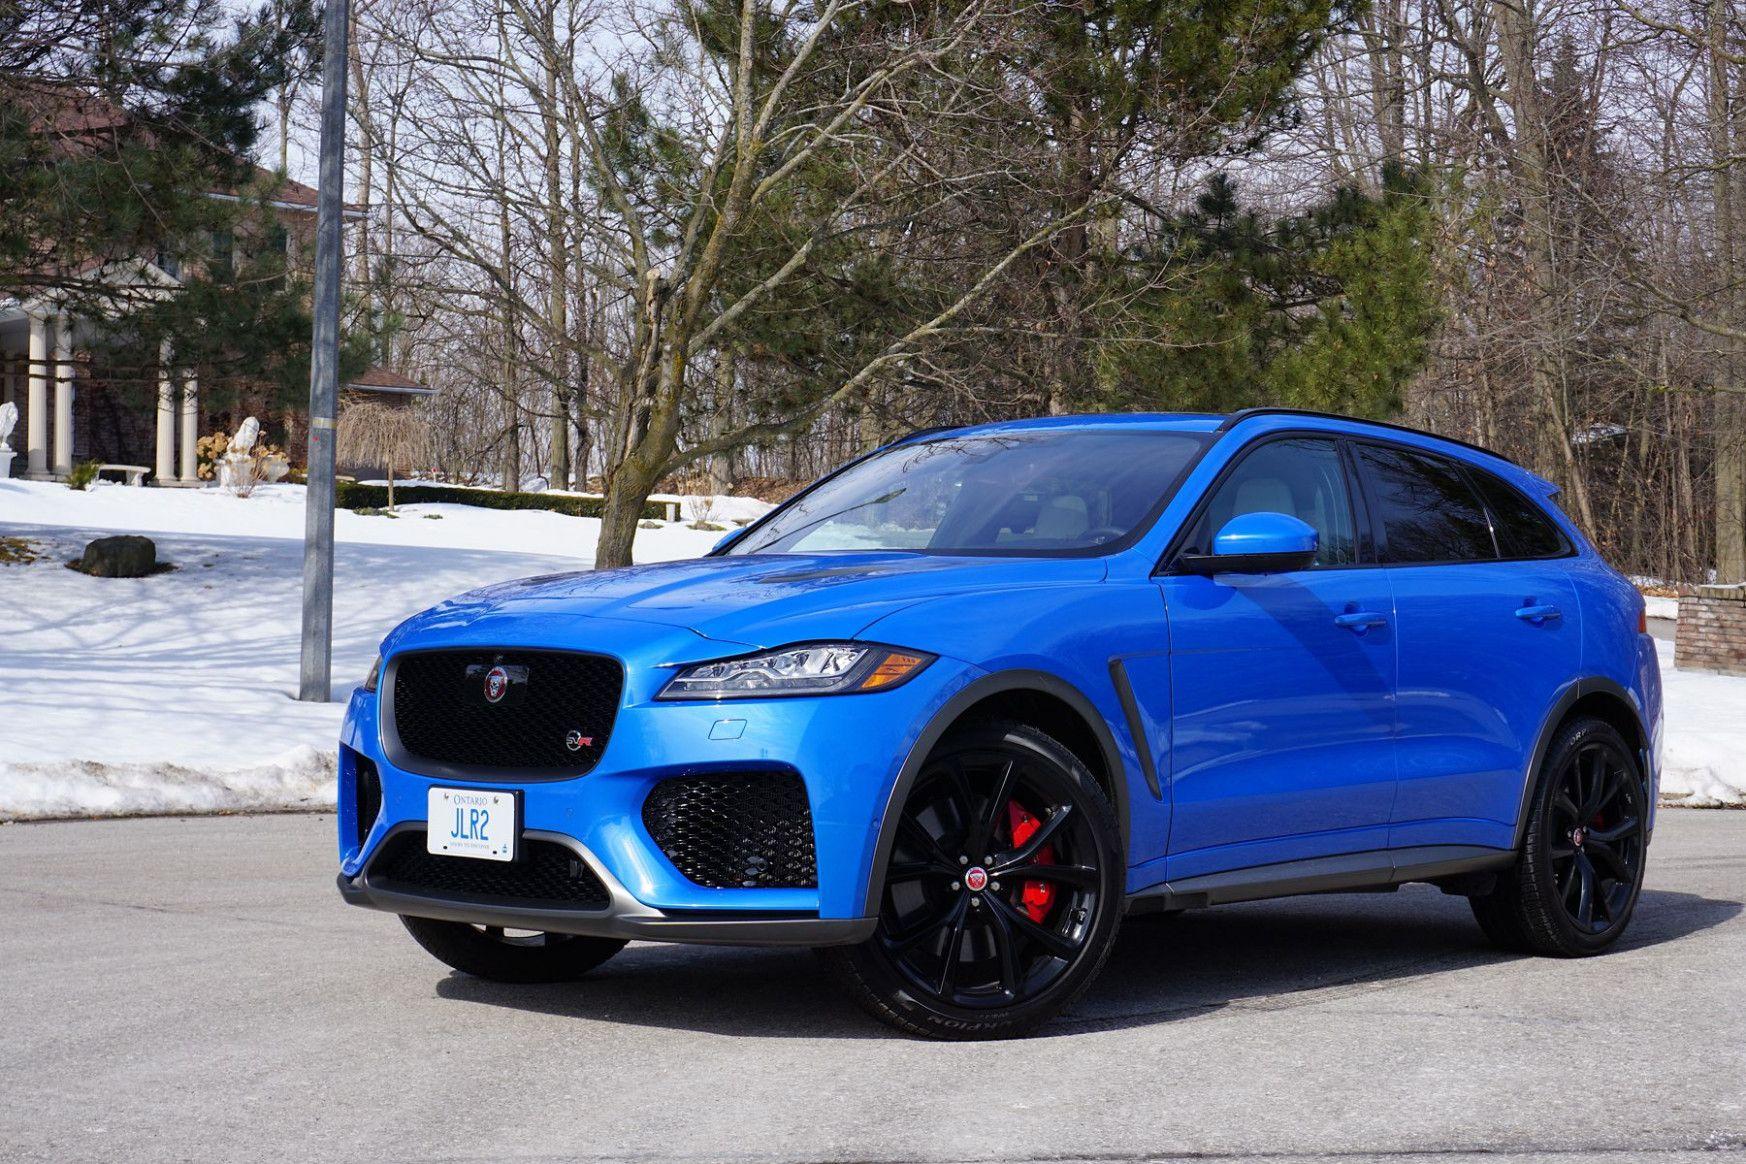 11 wallpaper jaguar suv reviews 2020 in 2020 jaguar suv